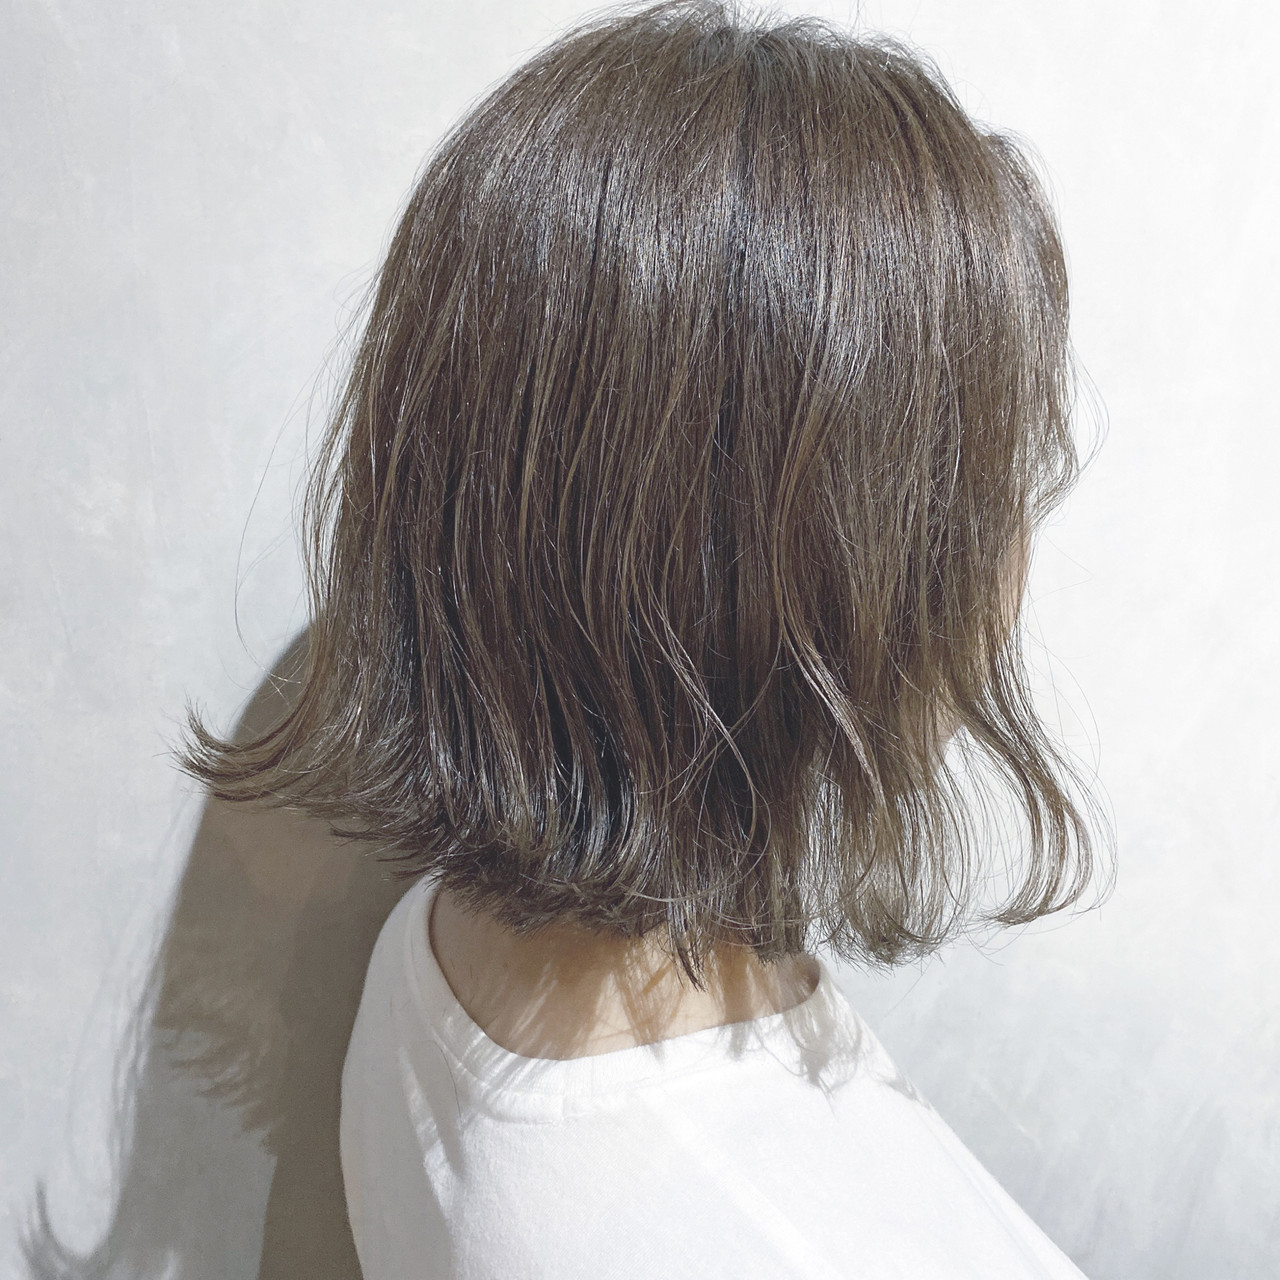 ウルフカット 切りっぱなしボブ ナチュラル ショートボブ ヘアスタイルや髪型の写真・画像   犬島麻姫子 / オルチャンヘアスタイルおまかせください